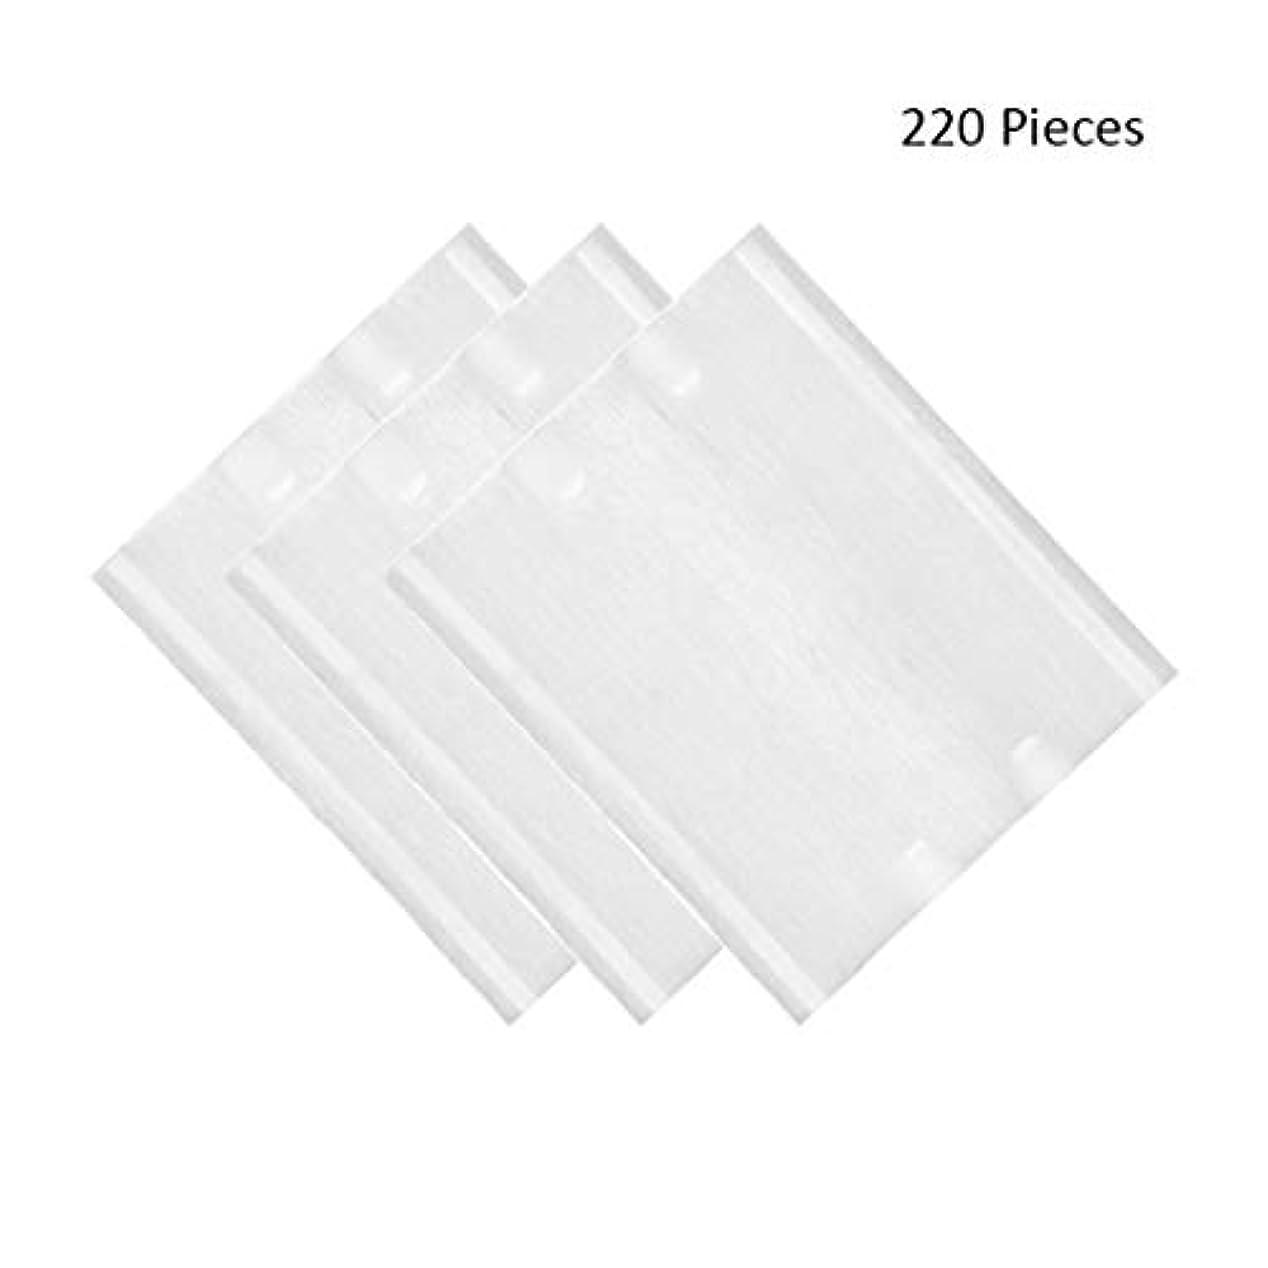 前置詞本を読む心配220ピース/パックフェイスメイクリムーバーソフト化粧コットンパッド両面スキンケアクレンジングコットンパッドリムーバーワイプ (Color : White, サイズ : 6*5cm)